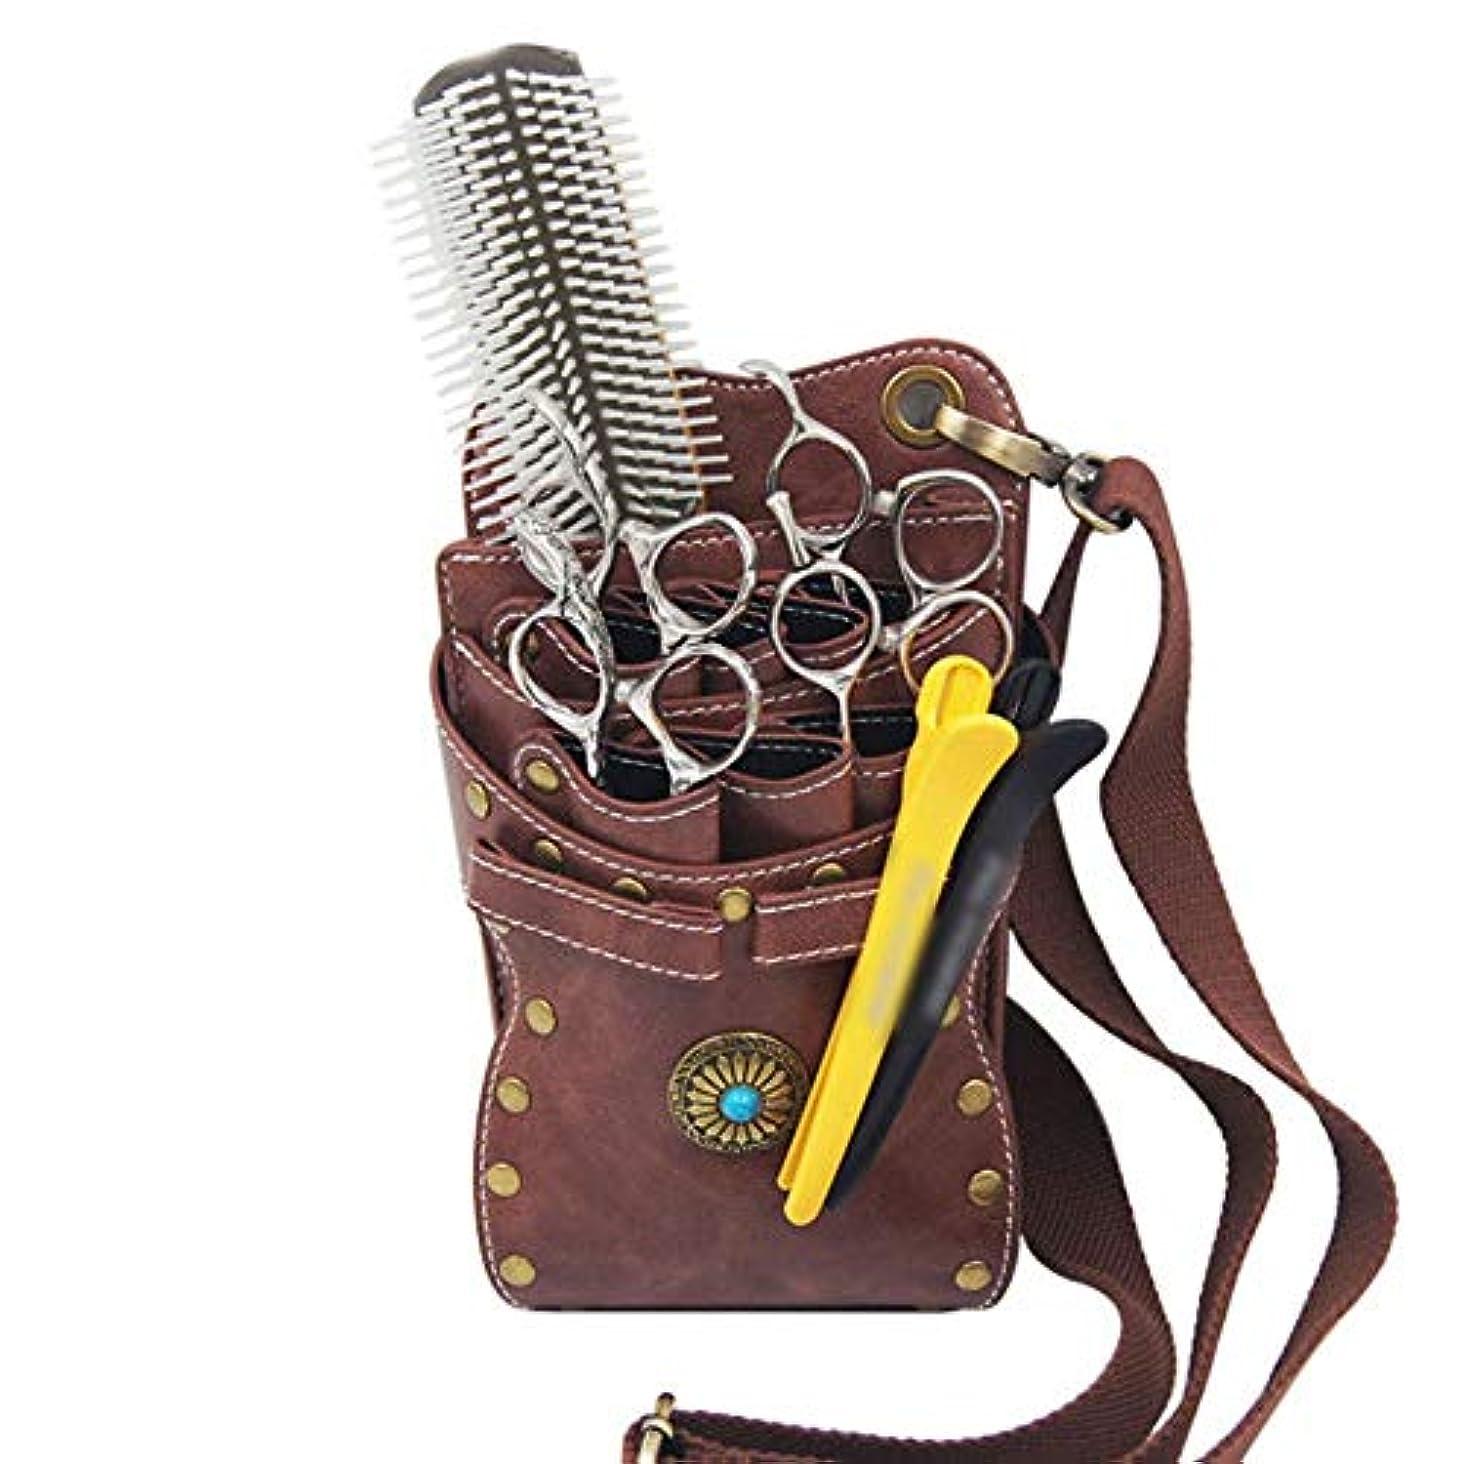 より平らなアセンブリ悪意のあるJPAKIOS 革理髪はさみホルダー、ベルト付き美容院はさみケースバッグ美容院ツールバッグ (色 : ブラウン)